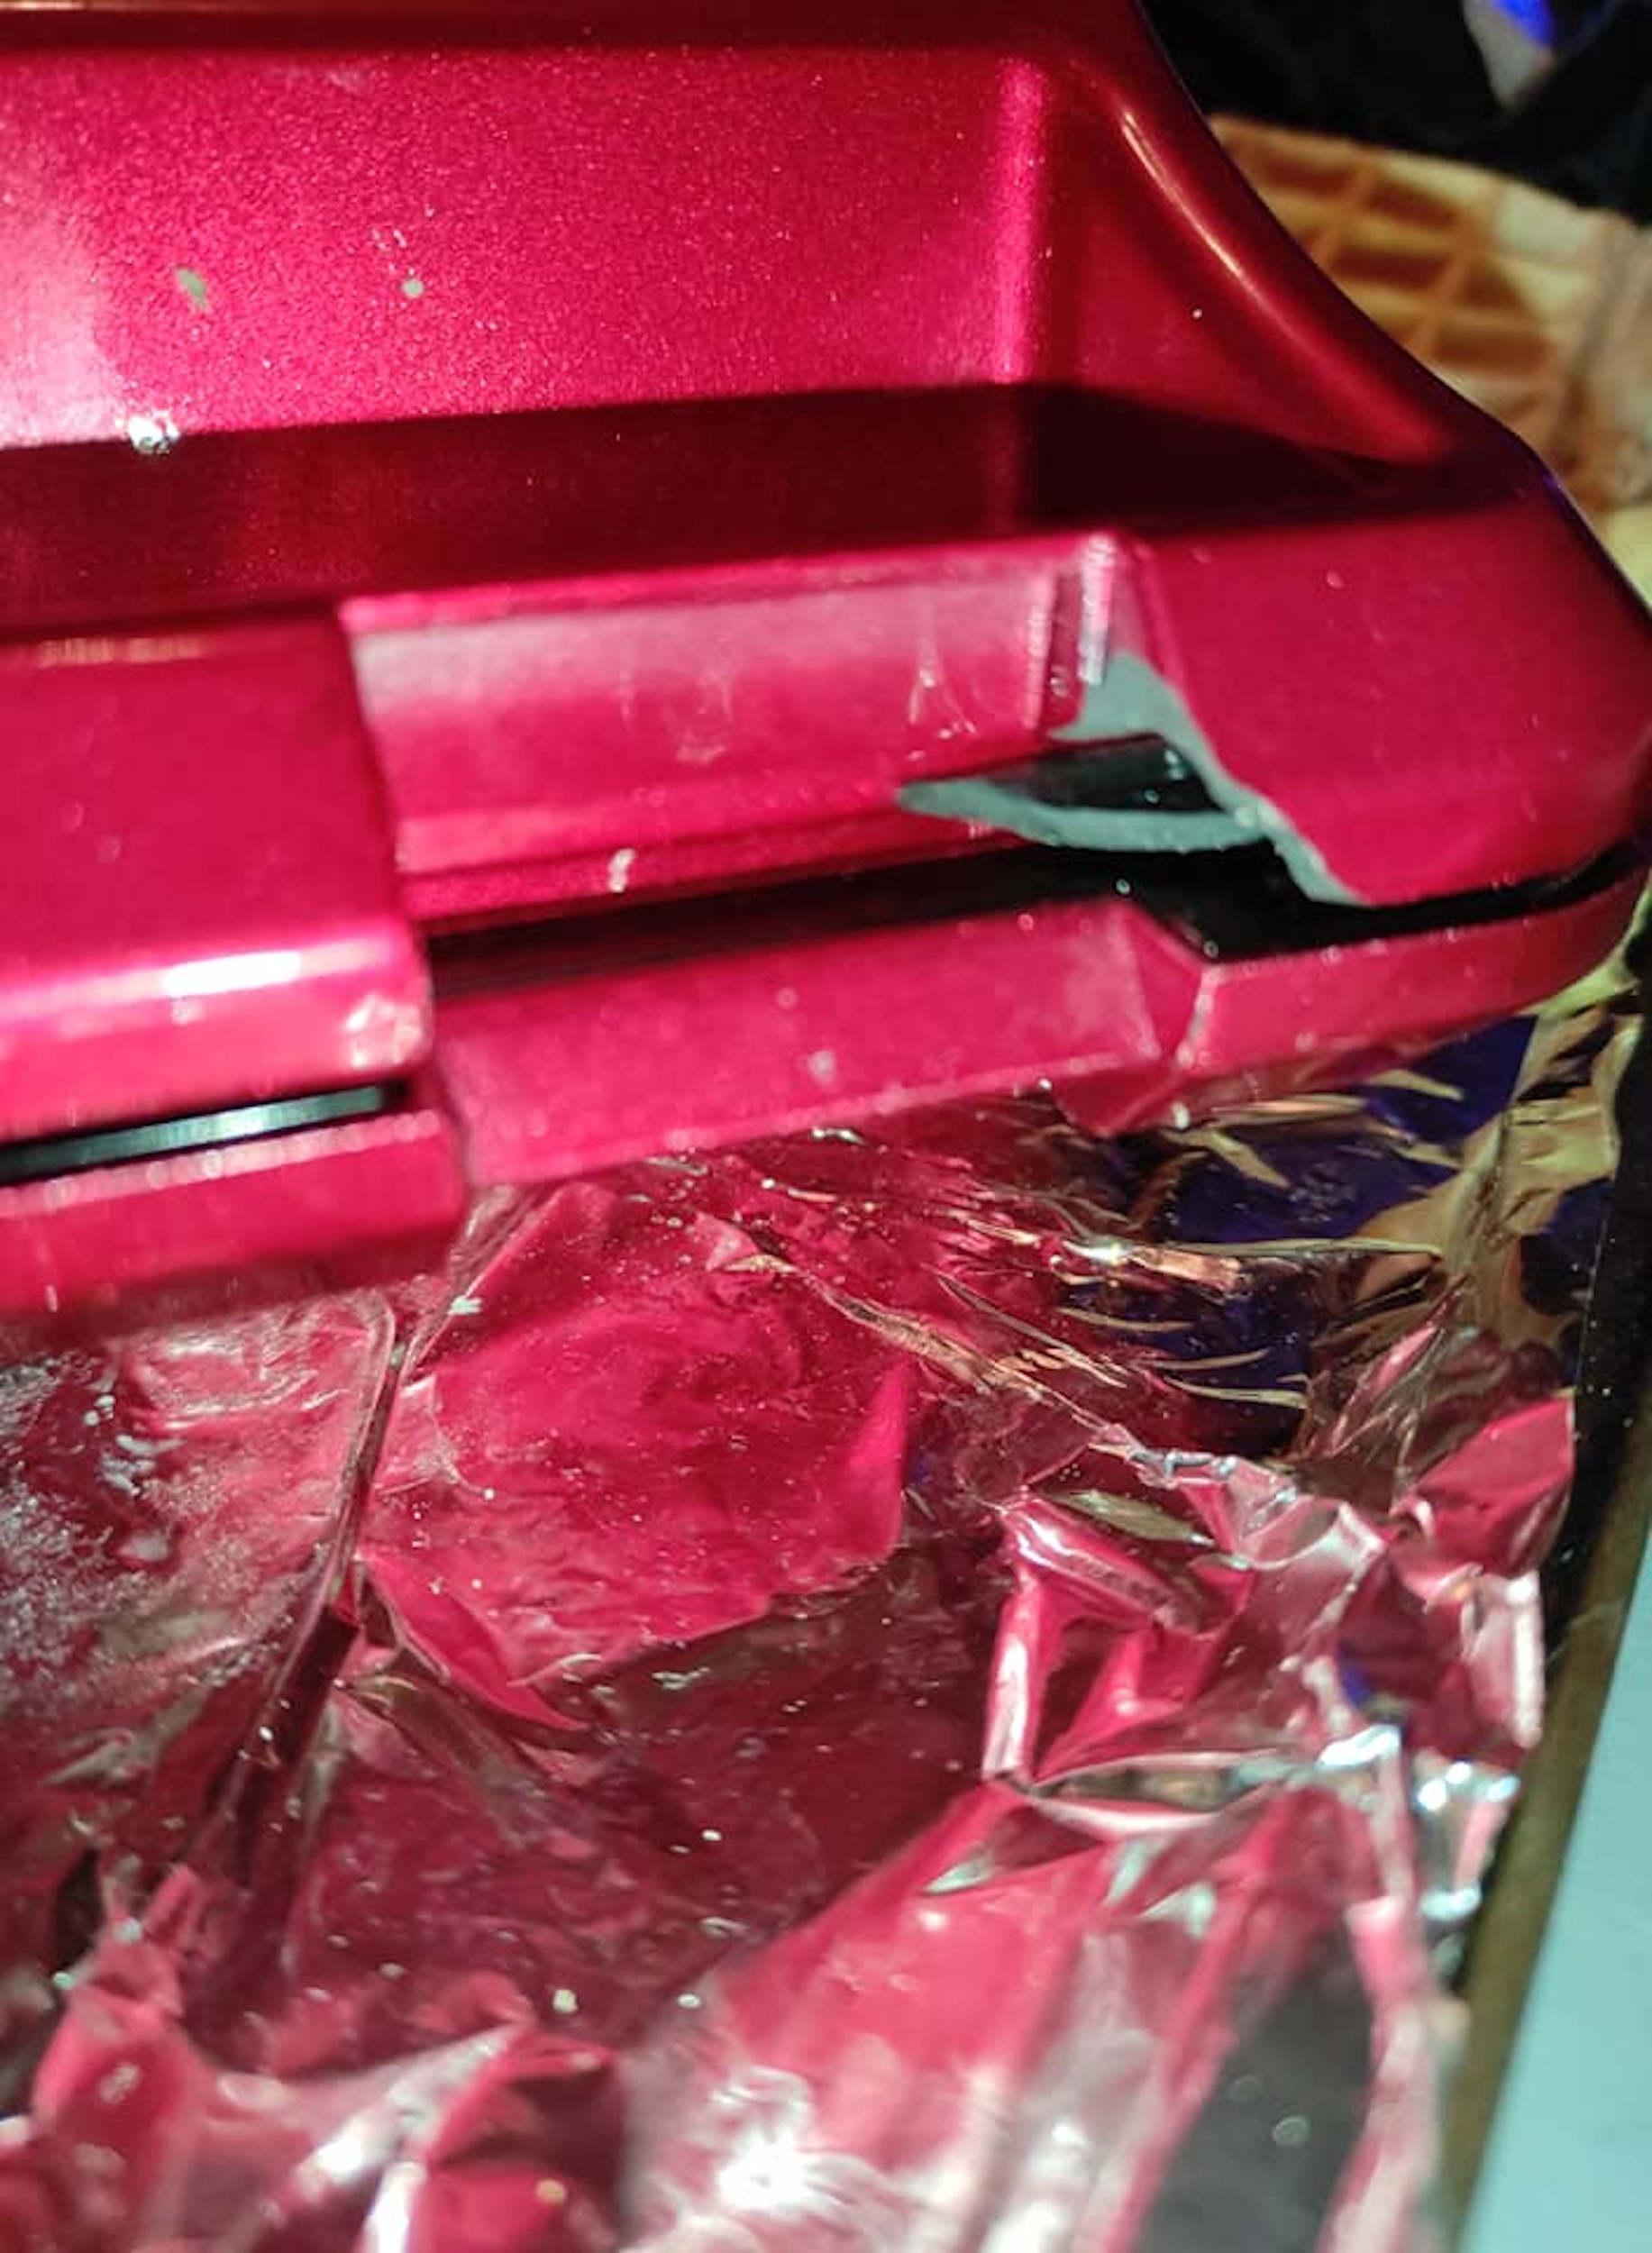 Argos exploded waffle iron